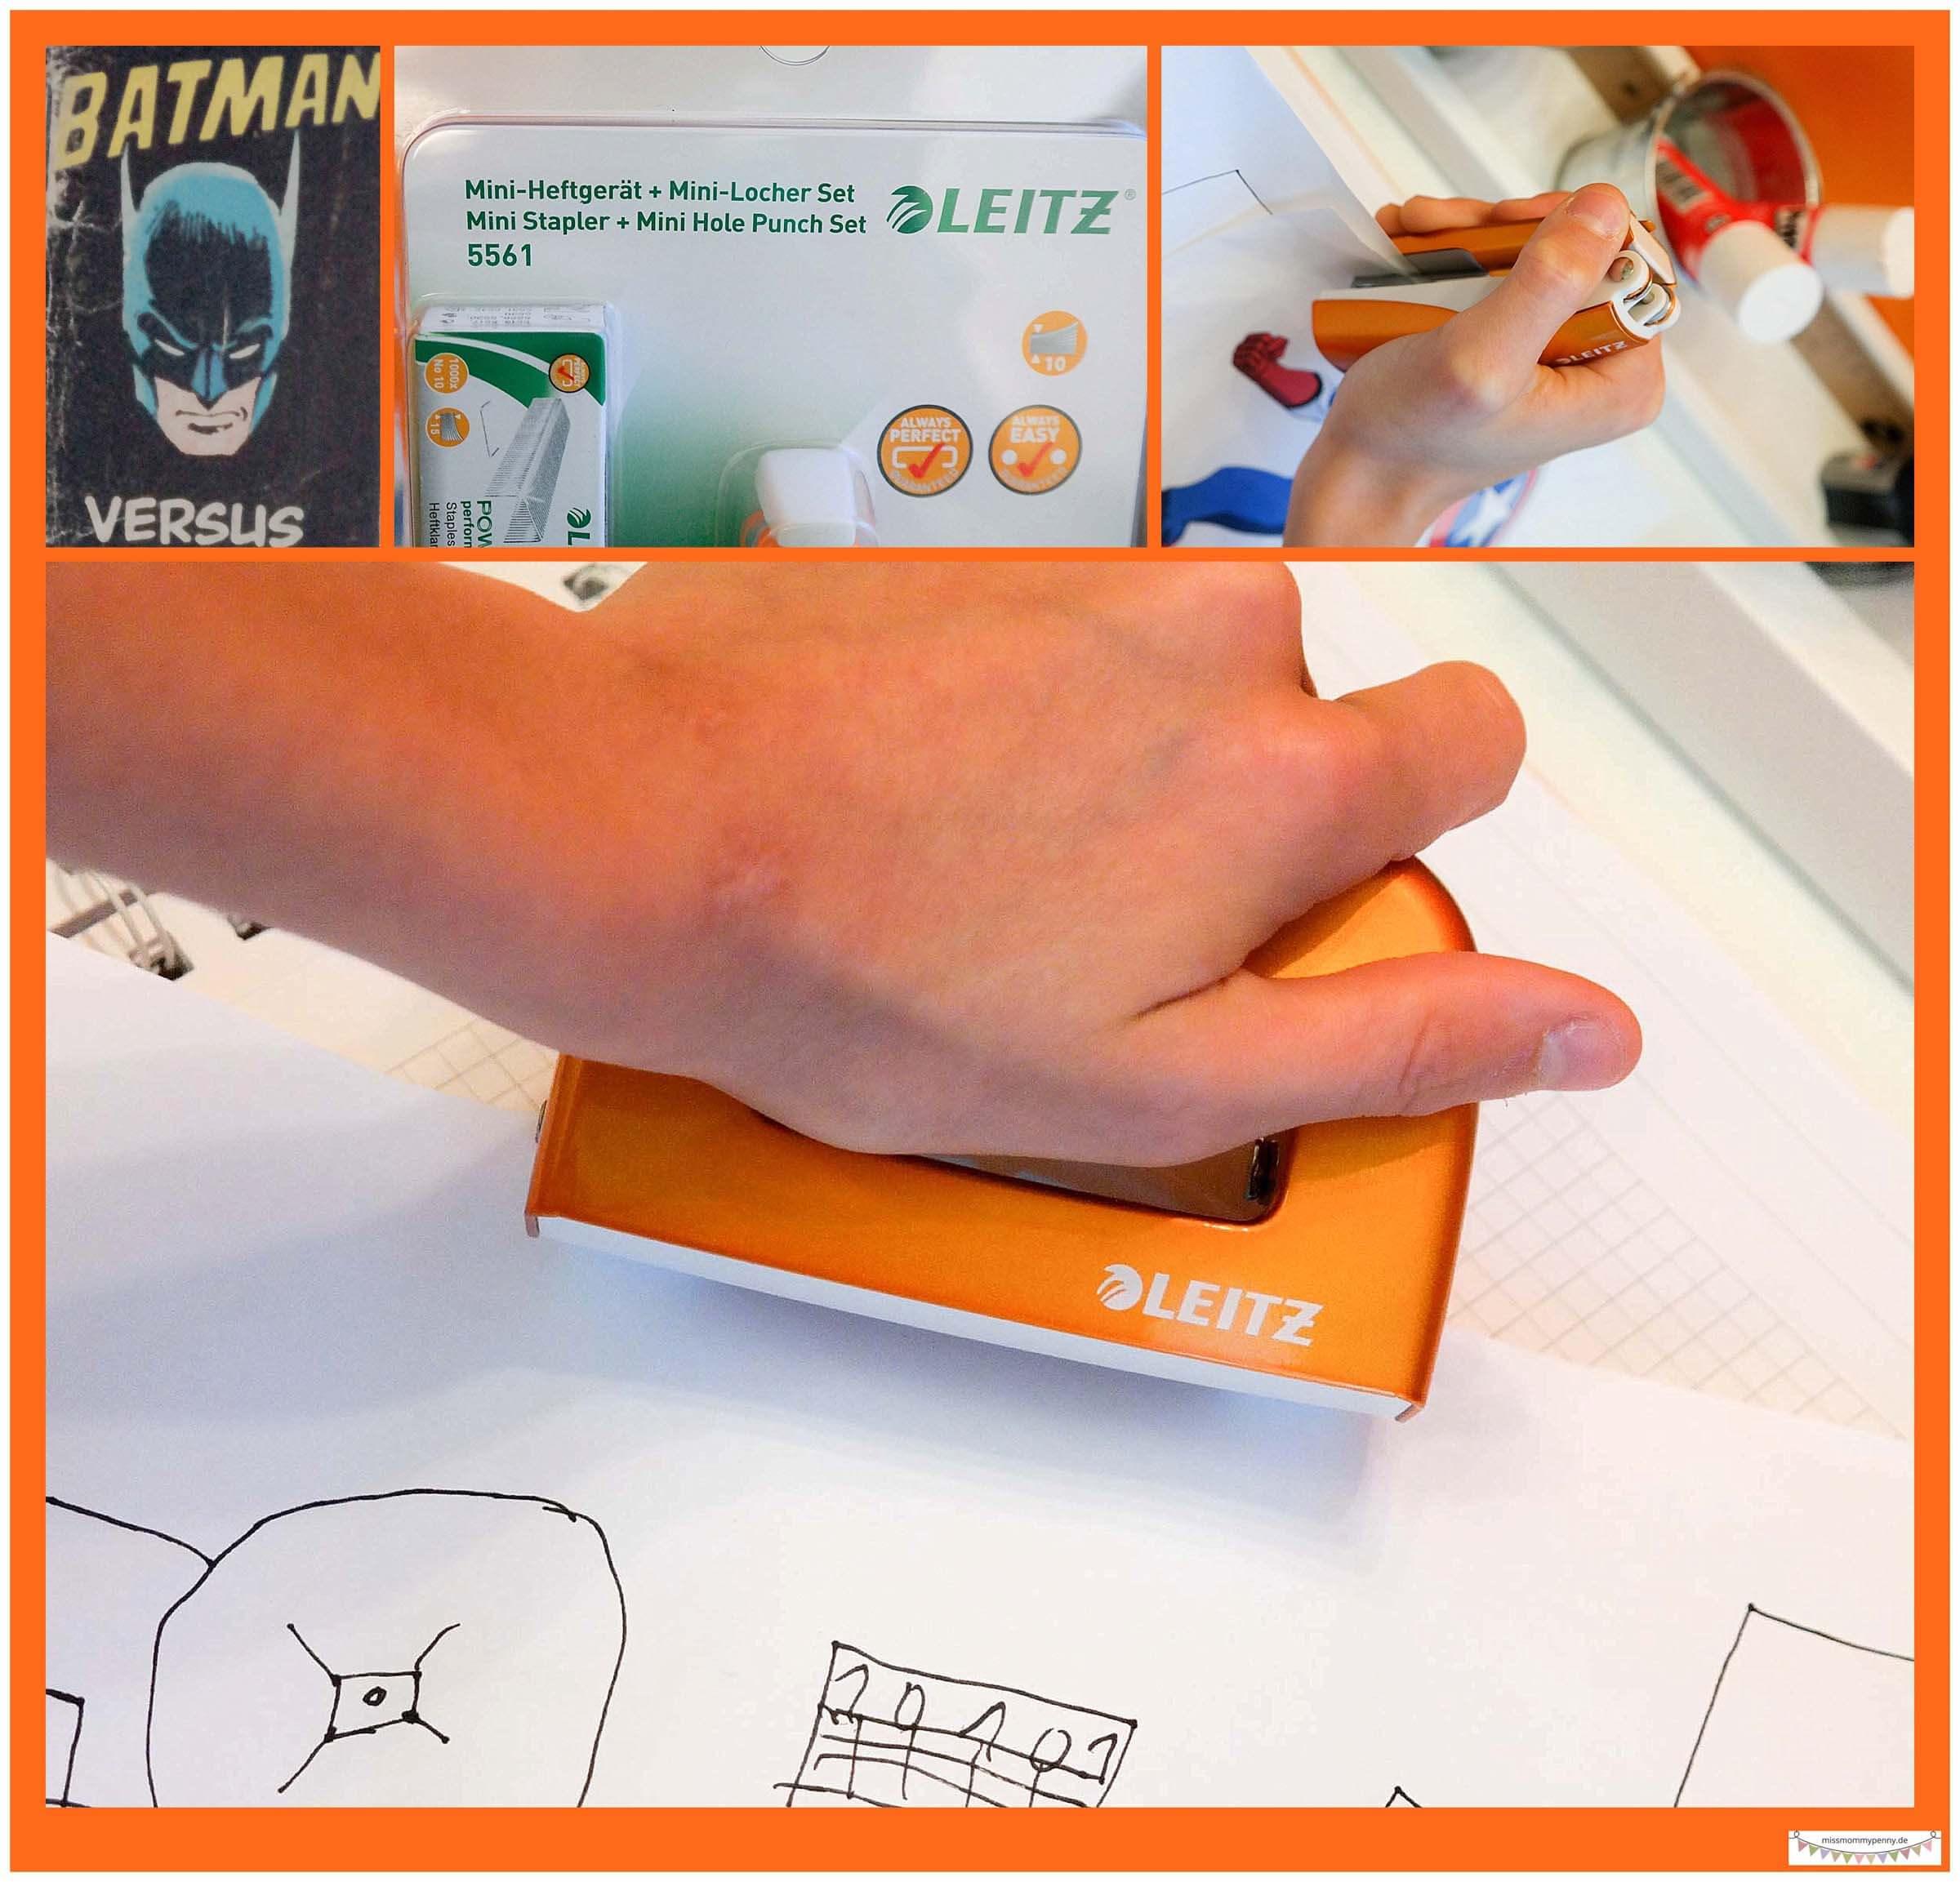 Heftgerät und Locher für kleine Hände